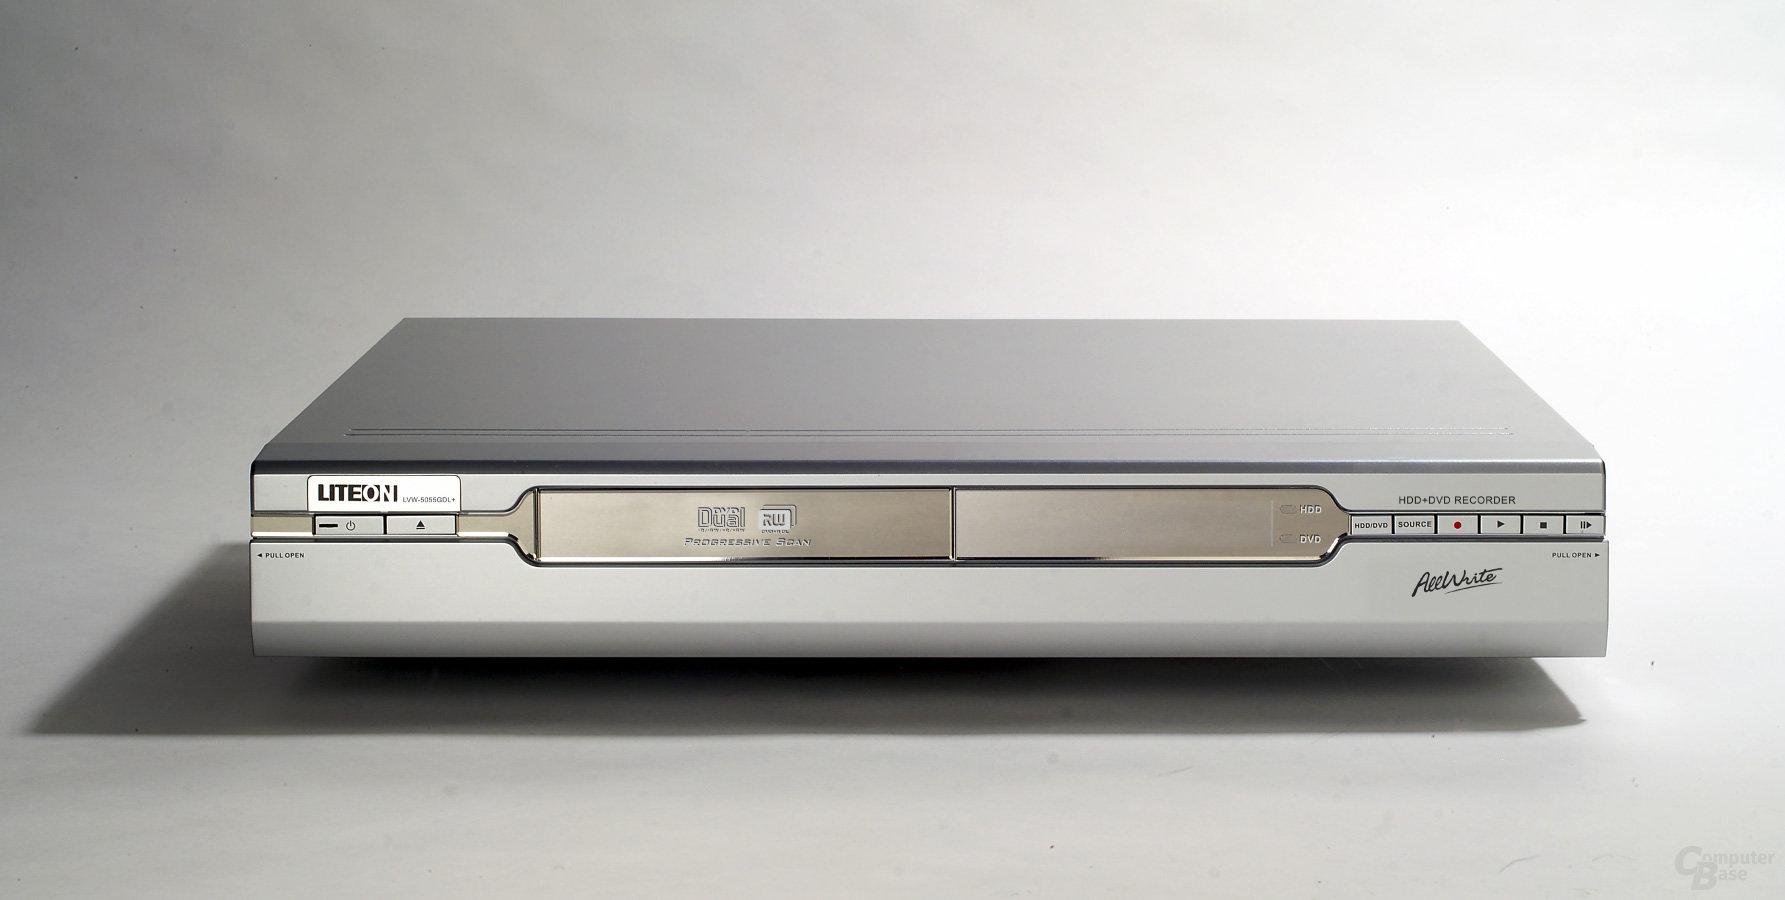 LVW-5055